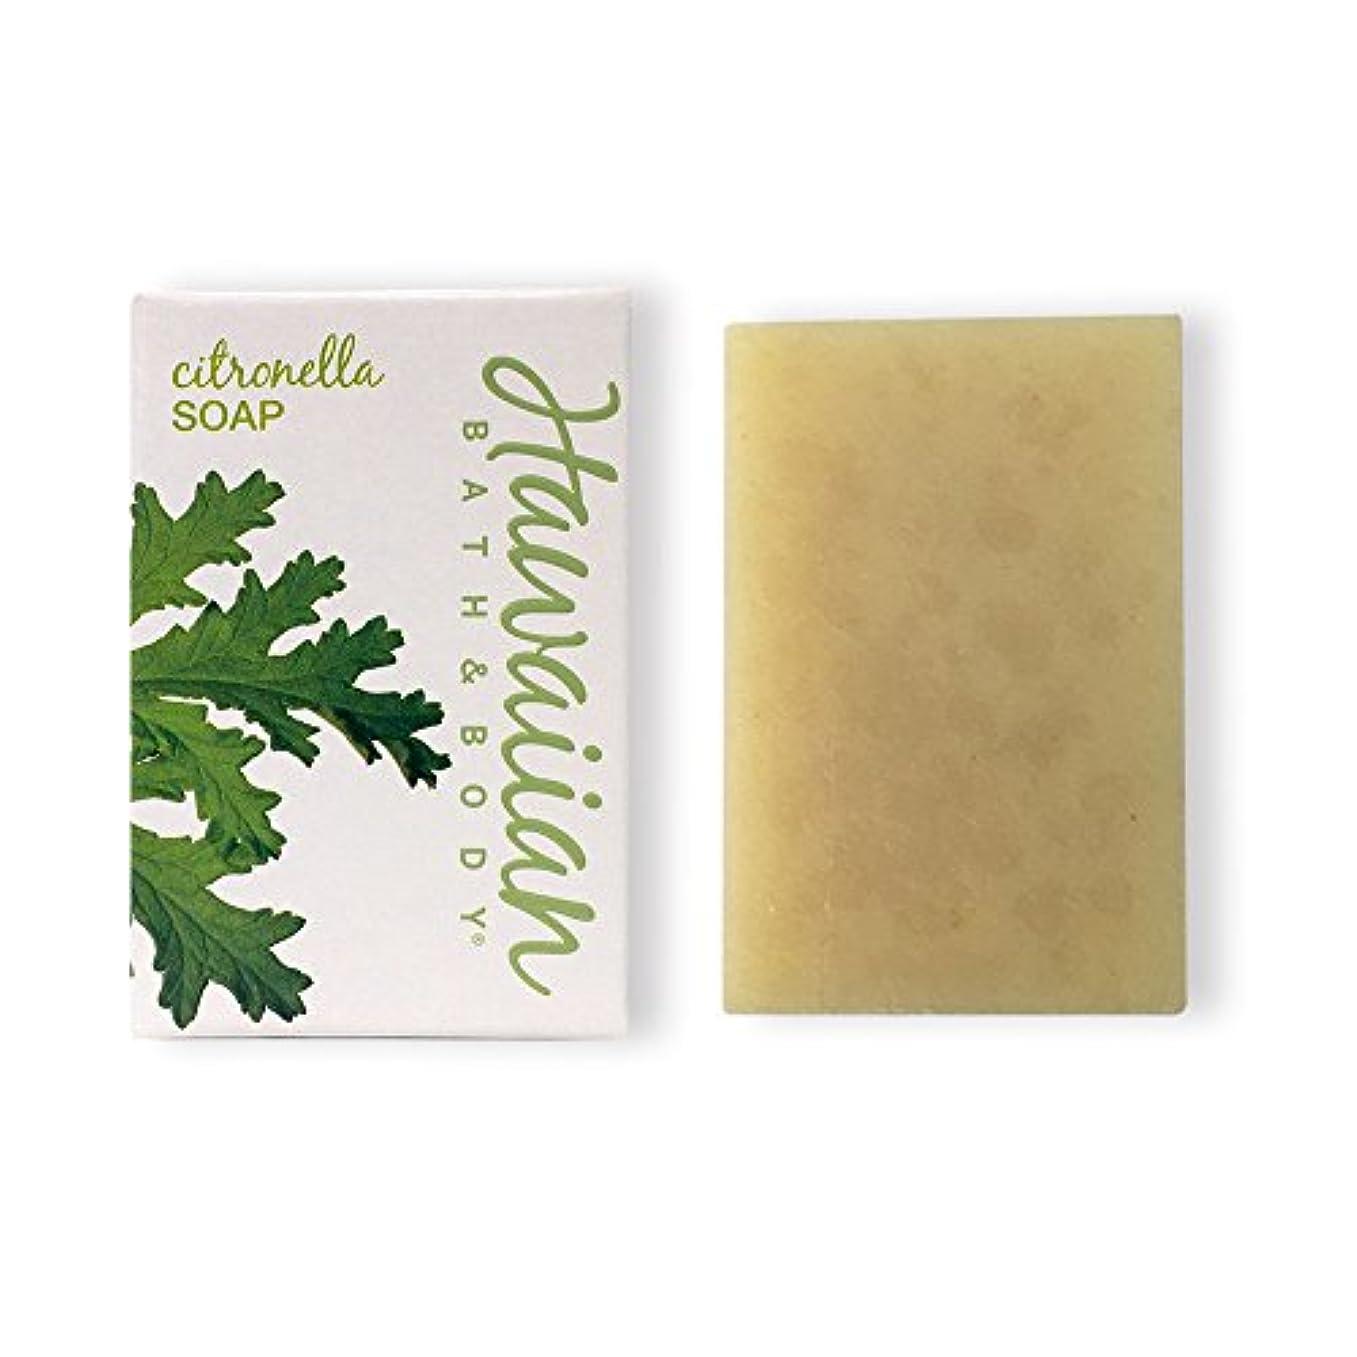 かわすママ毎日ハワイアンバス&ボディ シトロネラソープ(ビーチバー)( Citronella Soap )